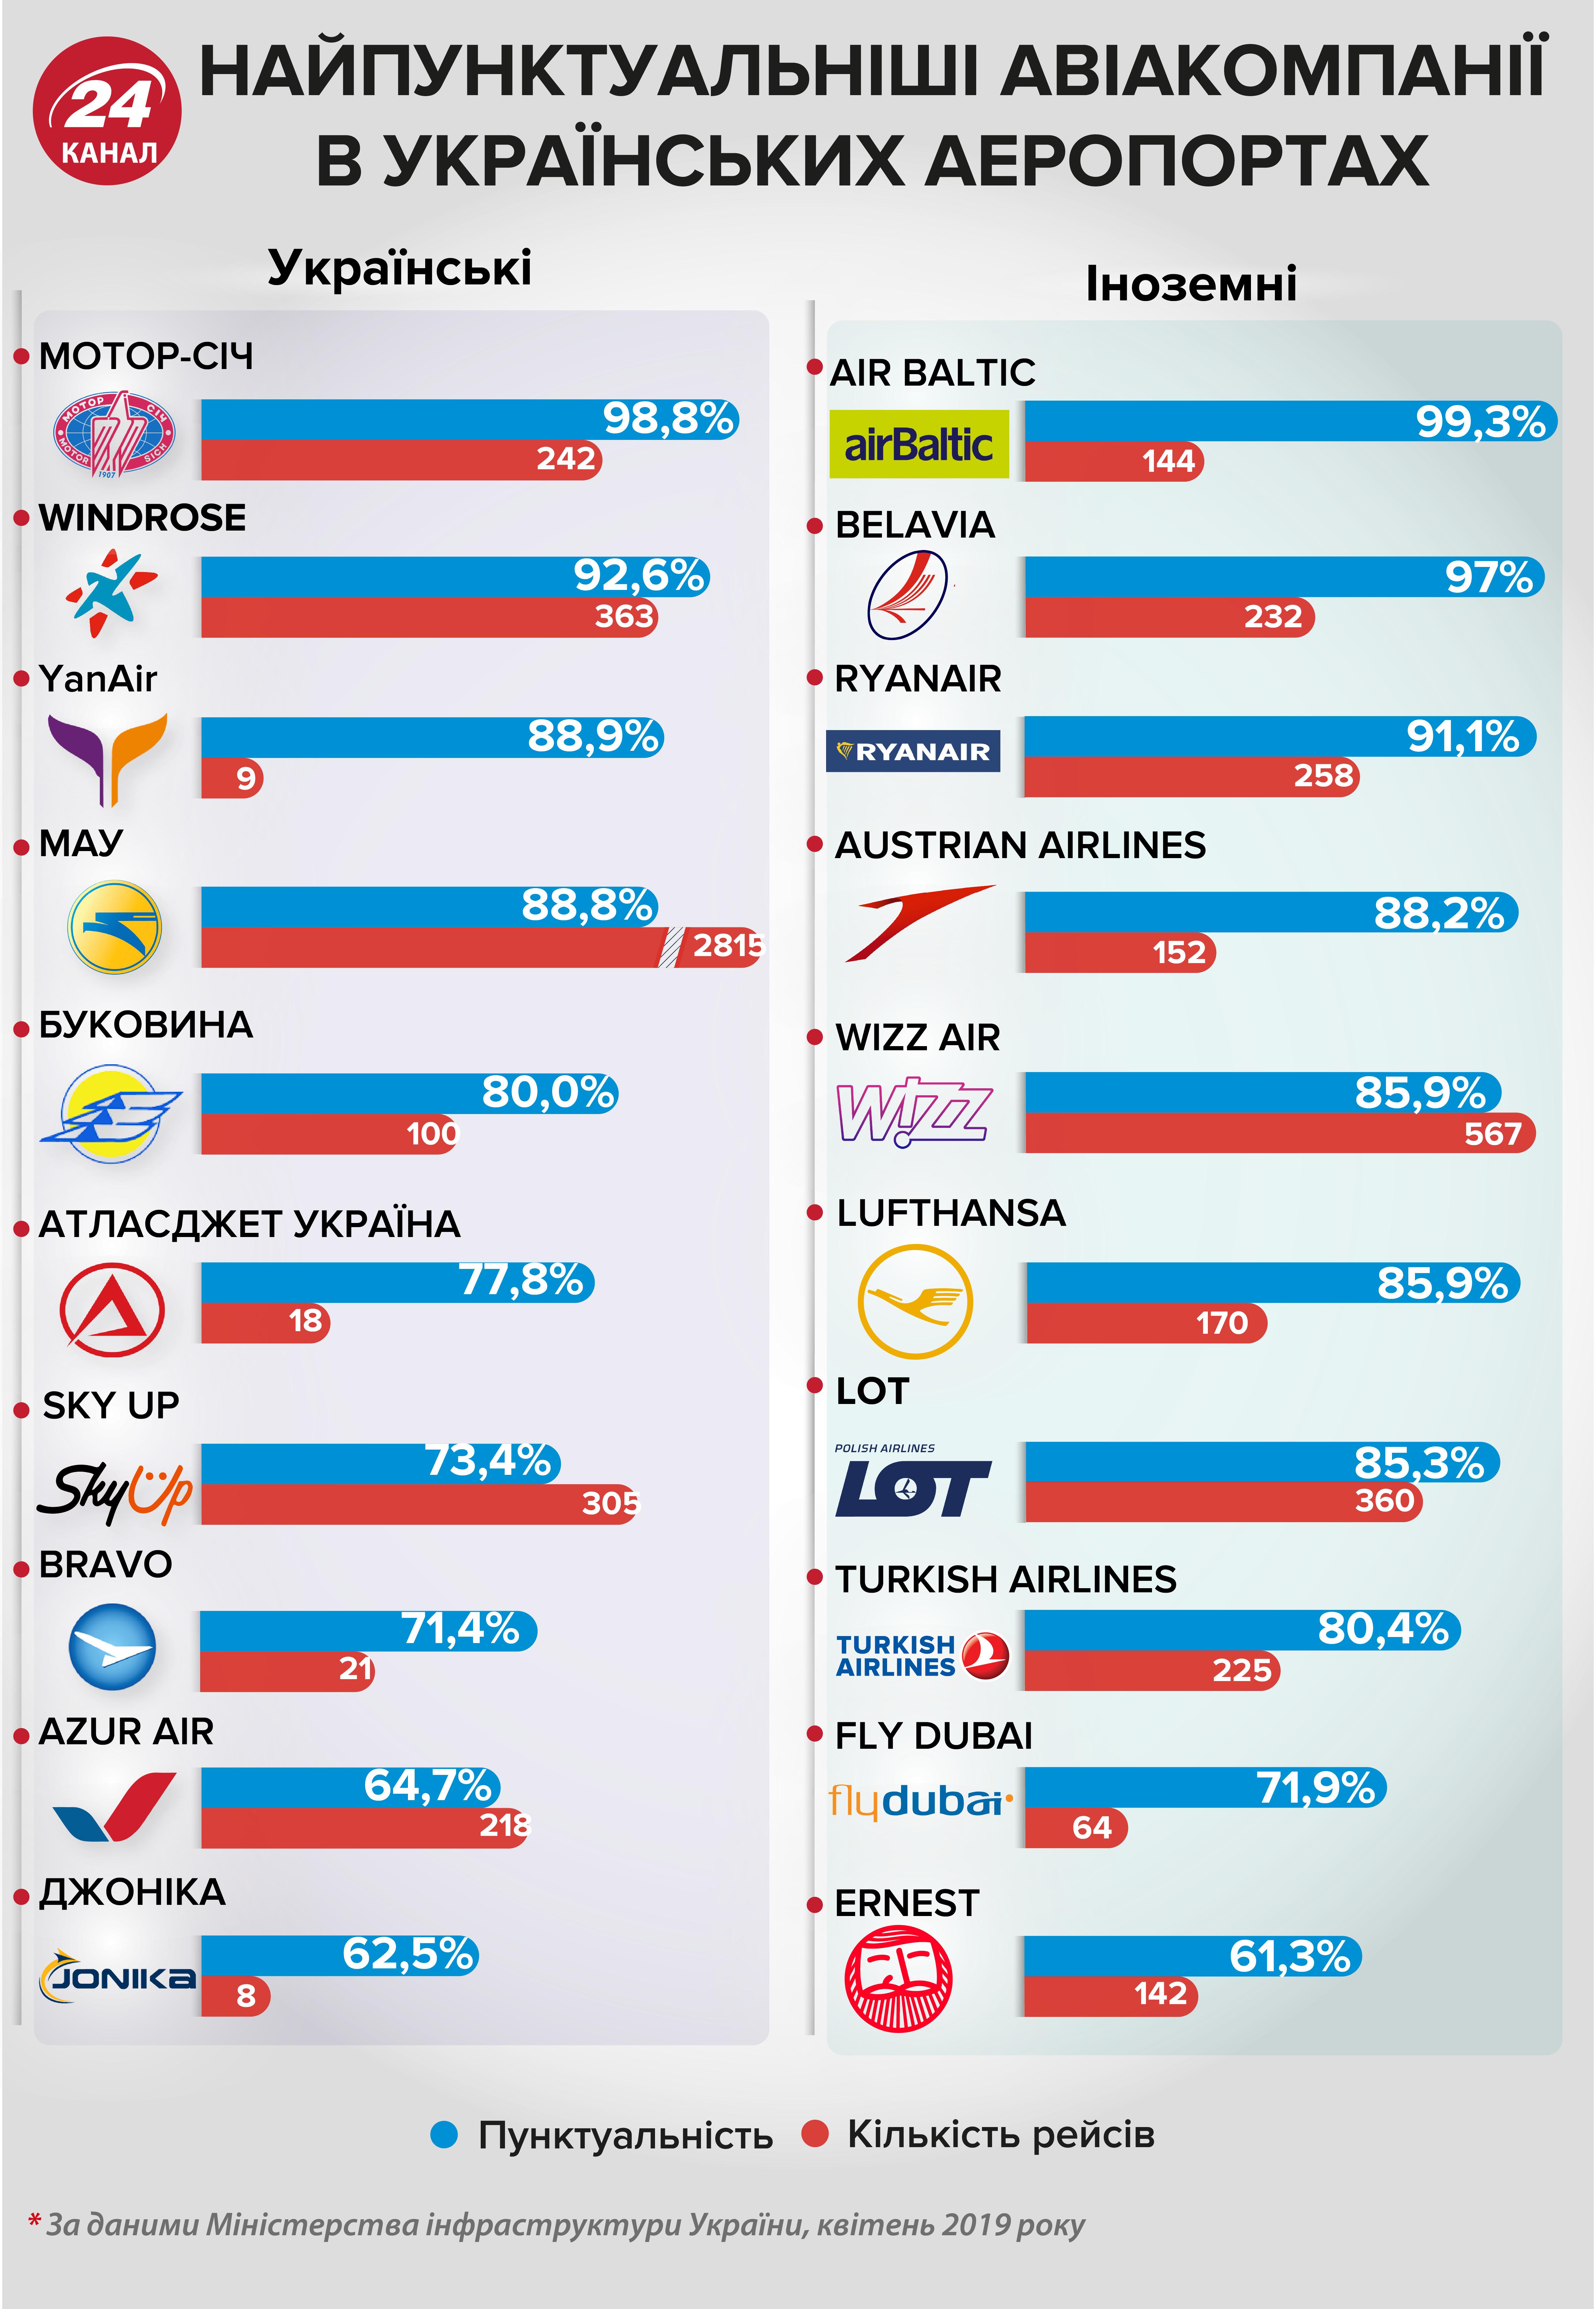 Пунктуальні авіакомпанії в Україні